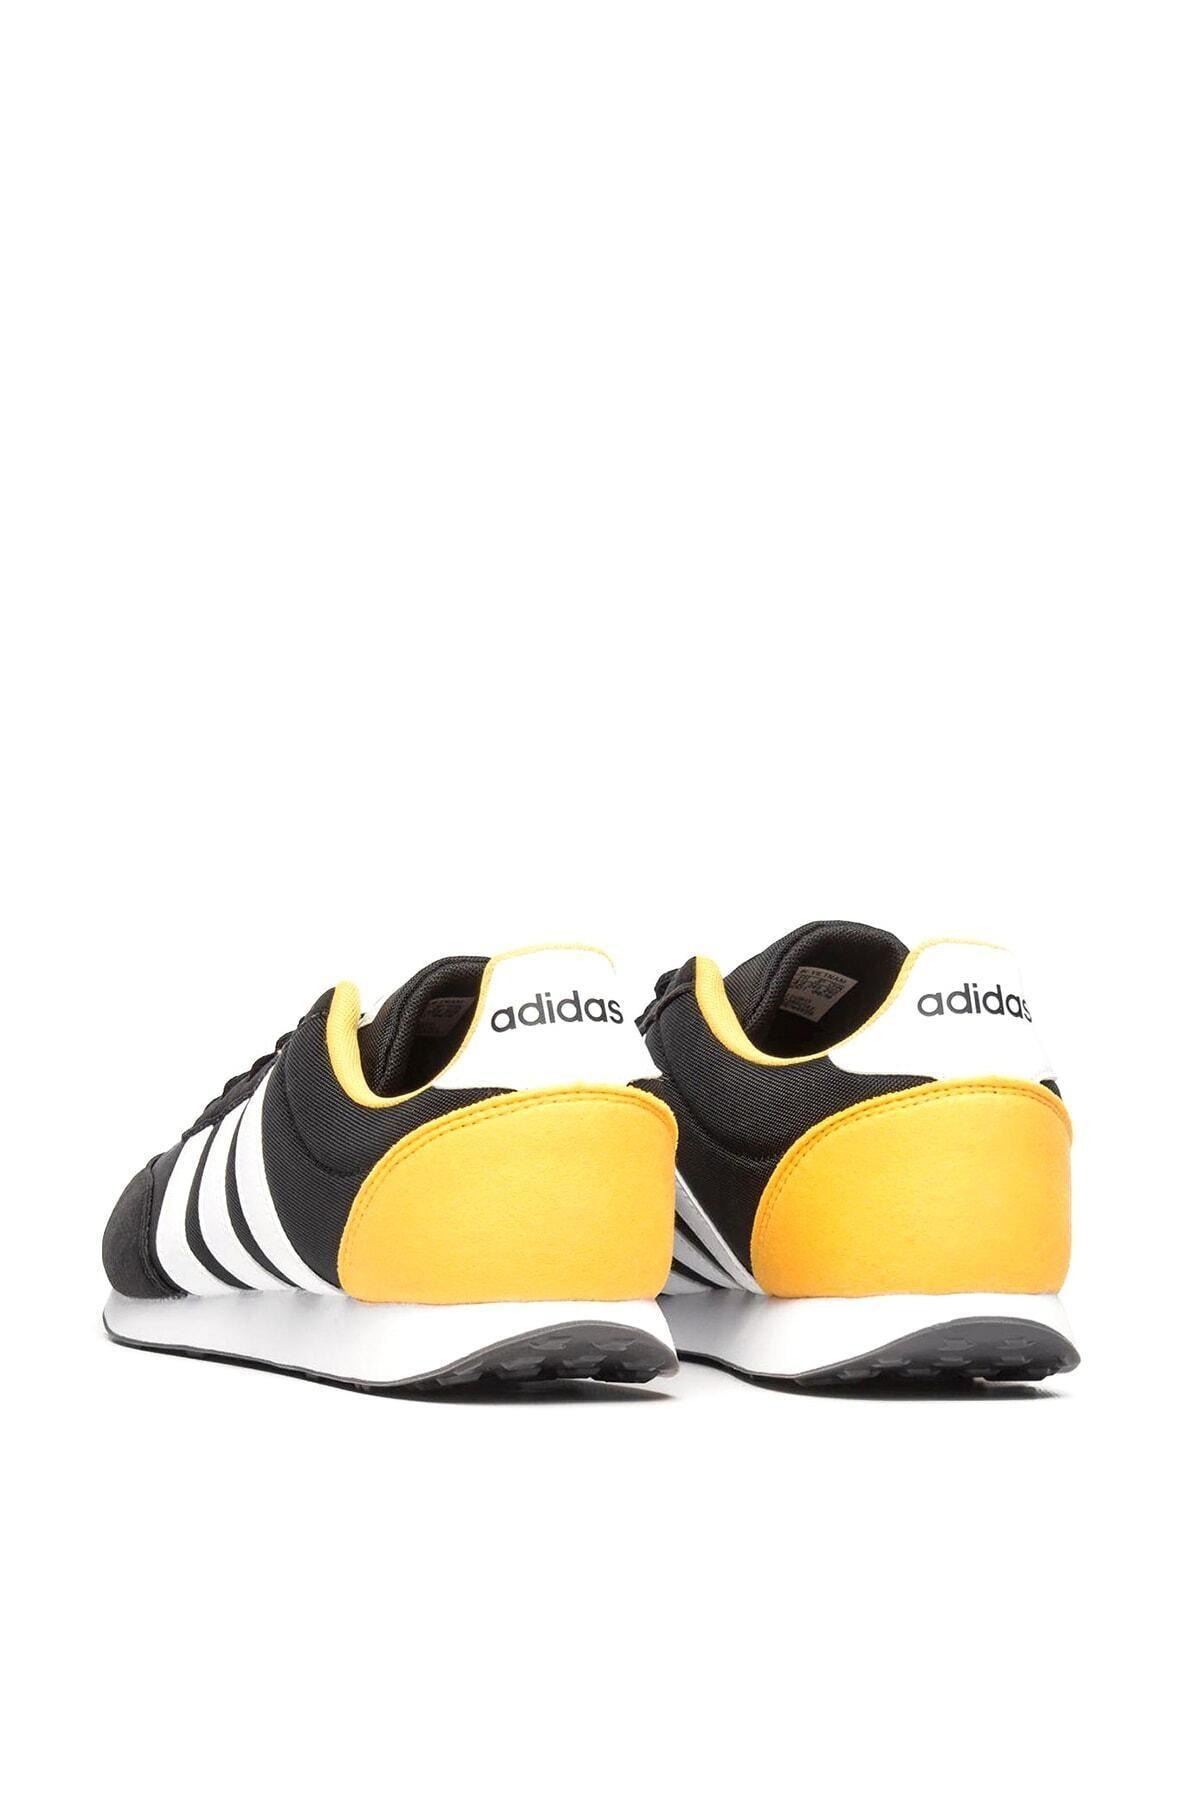 adidas Eg9913 V Racer 2.0 Günlük Spor Ayakkabı 2